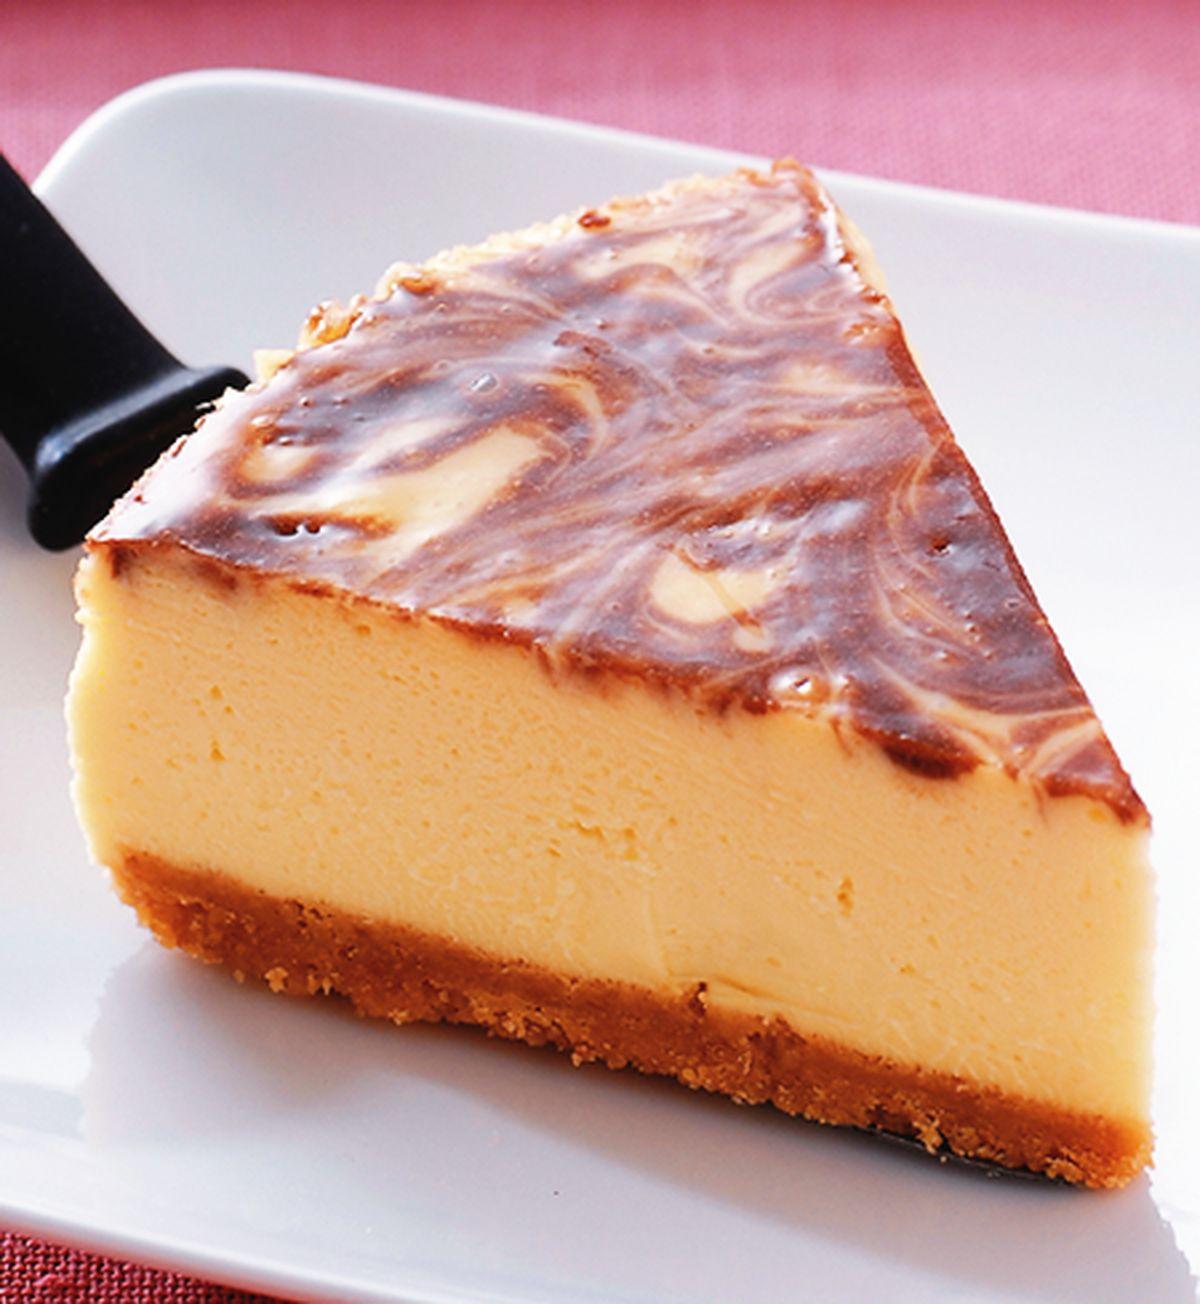 食譜:大理石起司蛋糕(1)